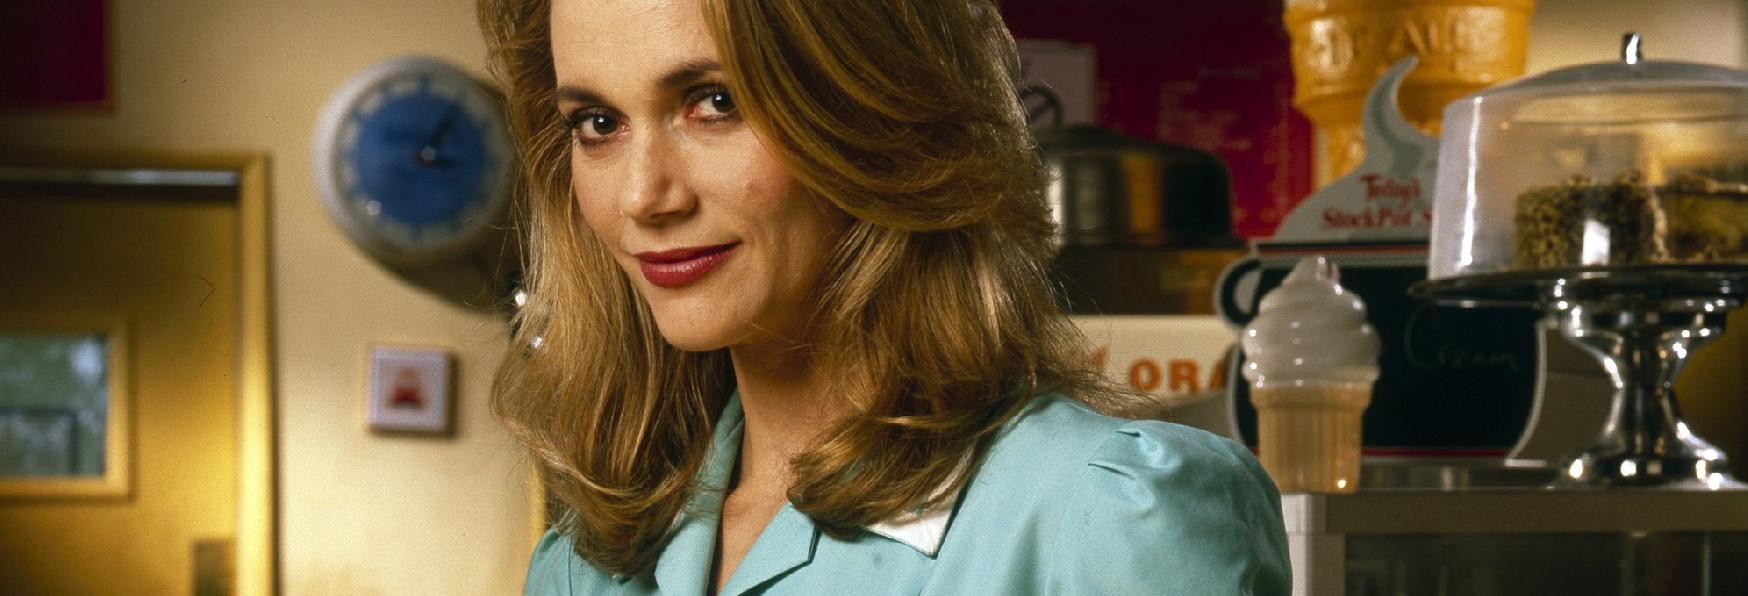 Muore a 72 Anni Peggy Lipton, storica Interprete di Norma nella Serie TV Twin Peaks